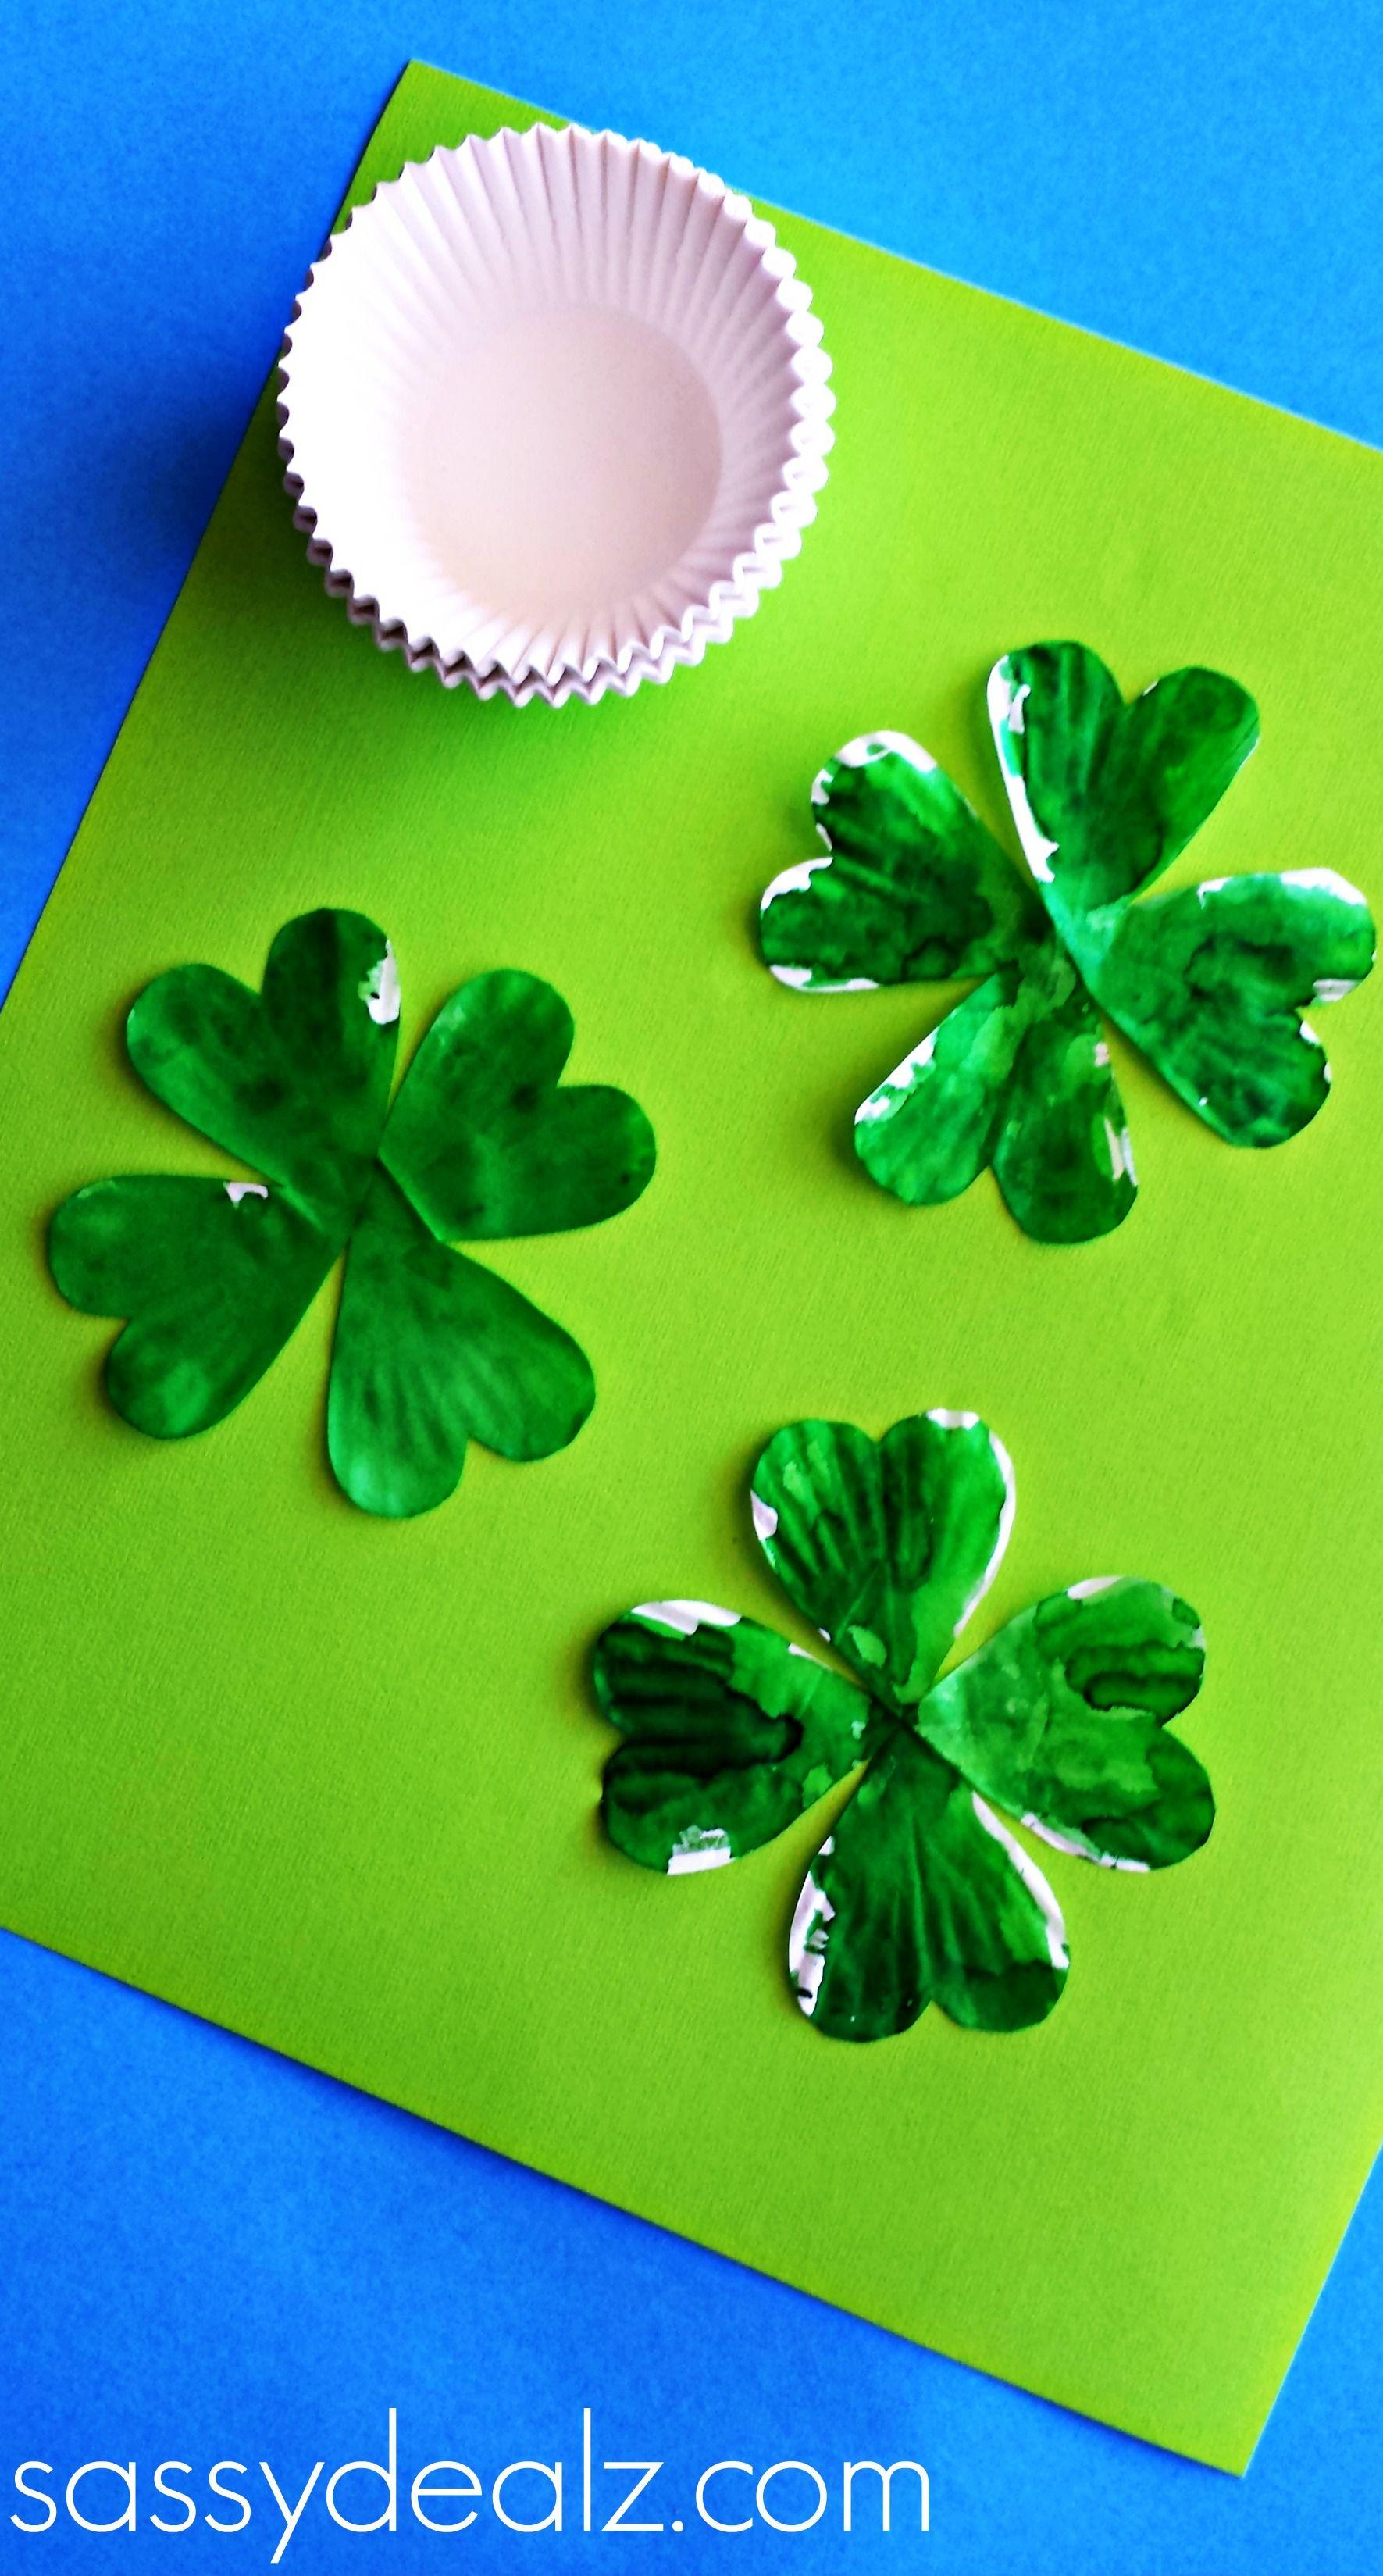 ccc719963 Cupcake Liner 4 Leaf Clover Craft for St. Patrick's Day #Kids craft  #Shamrocks art project